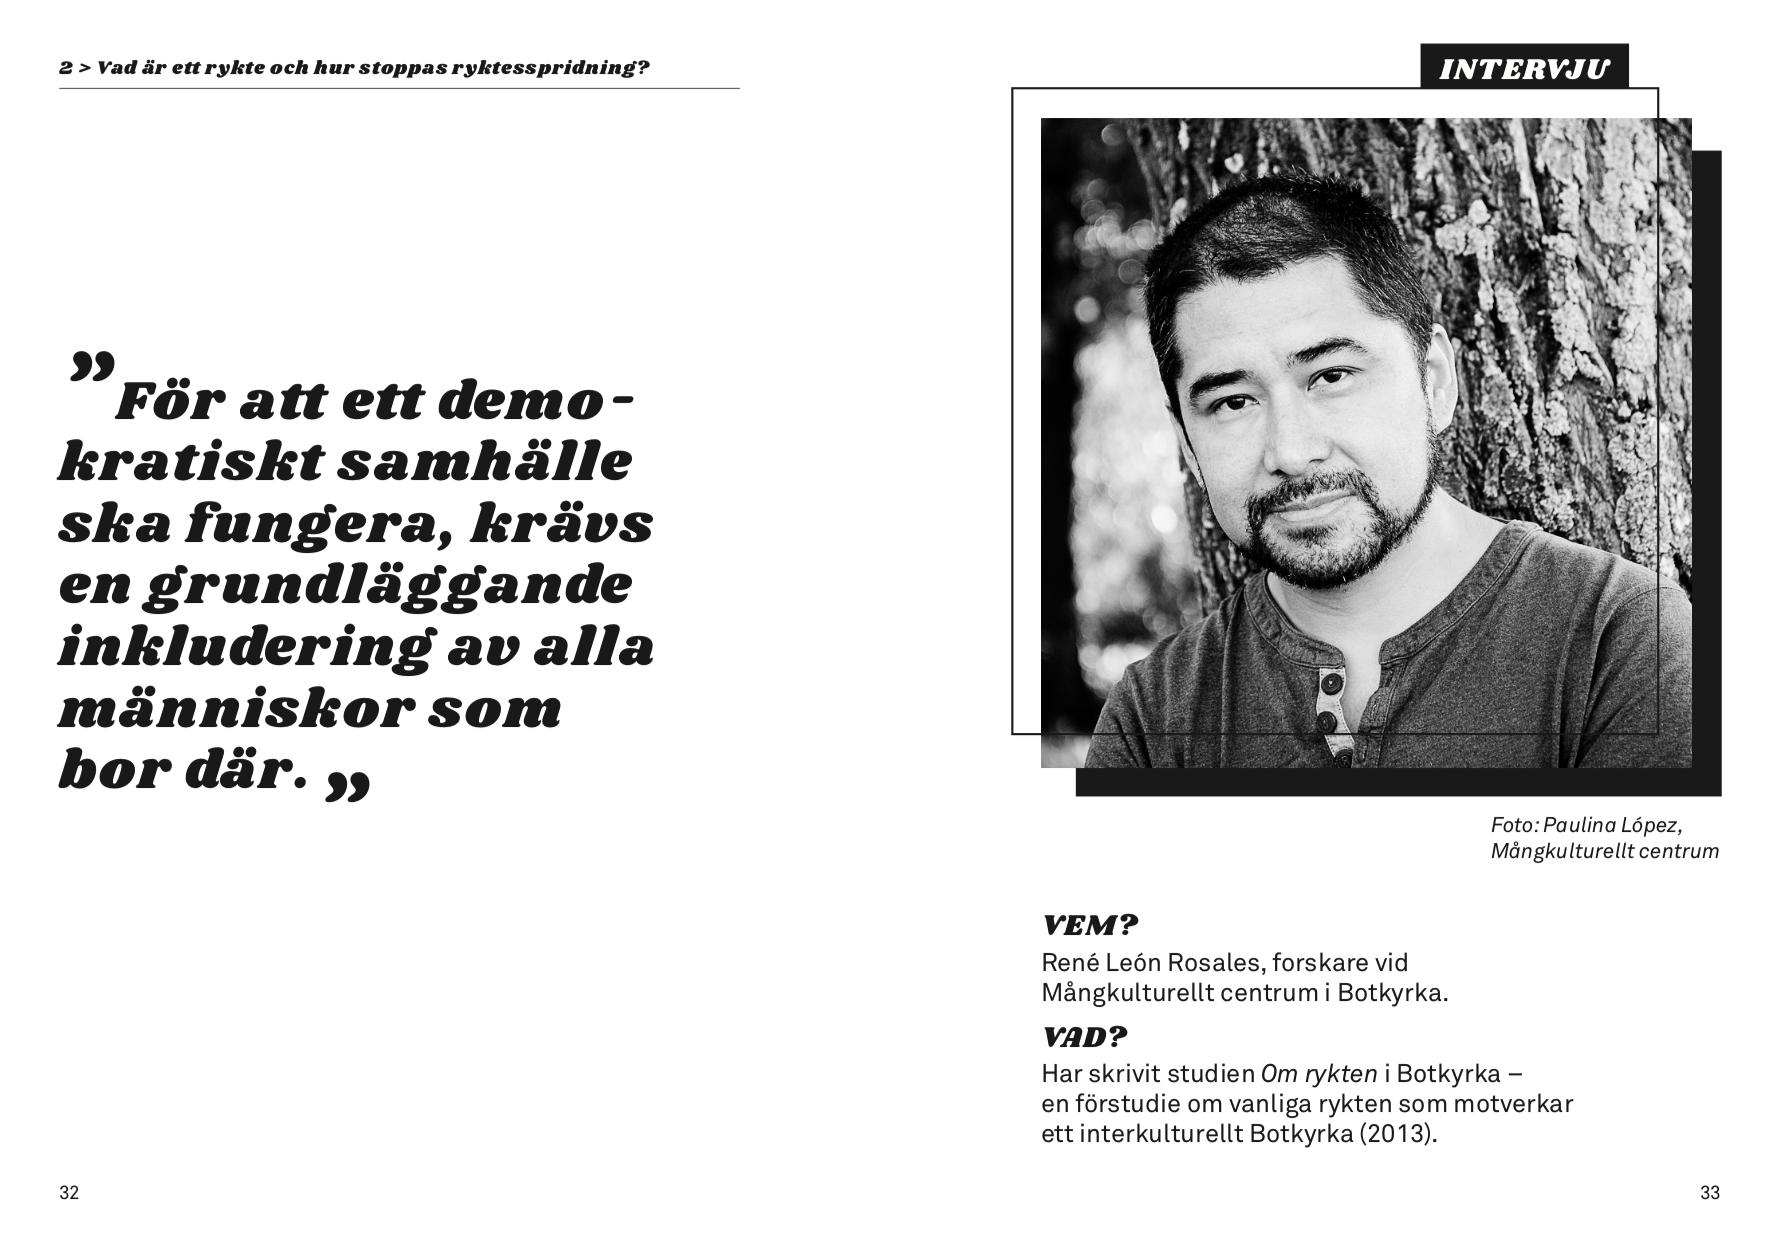 Intervju med René León Rosales